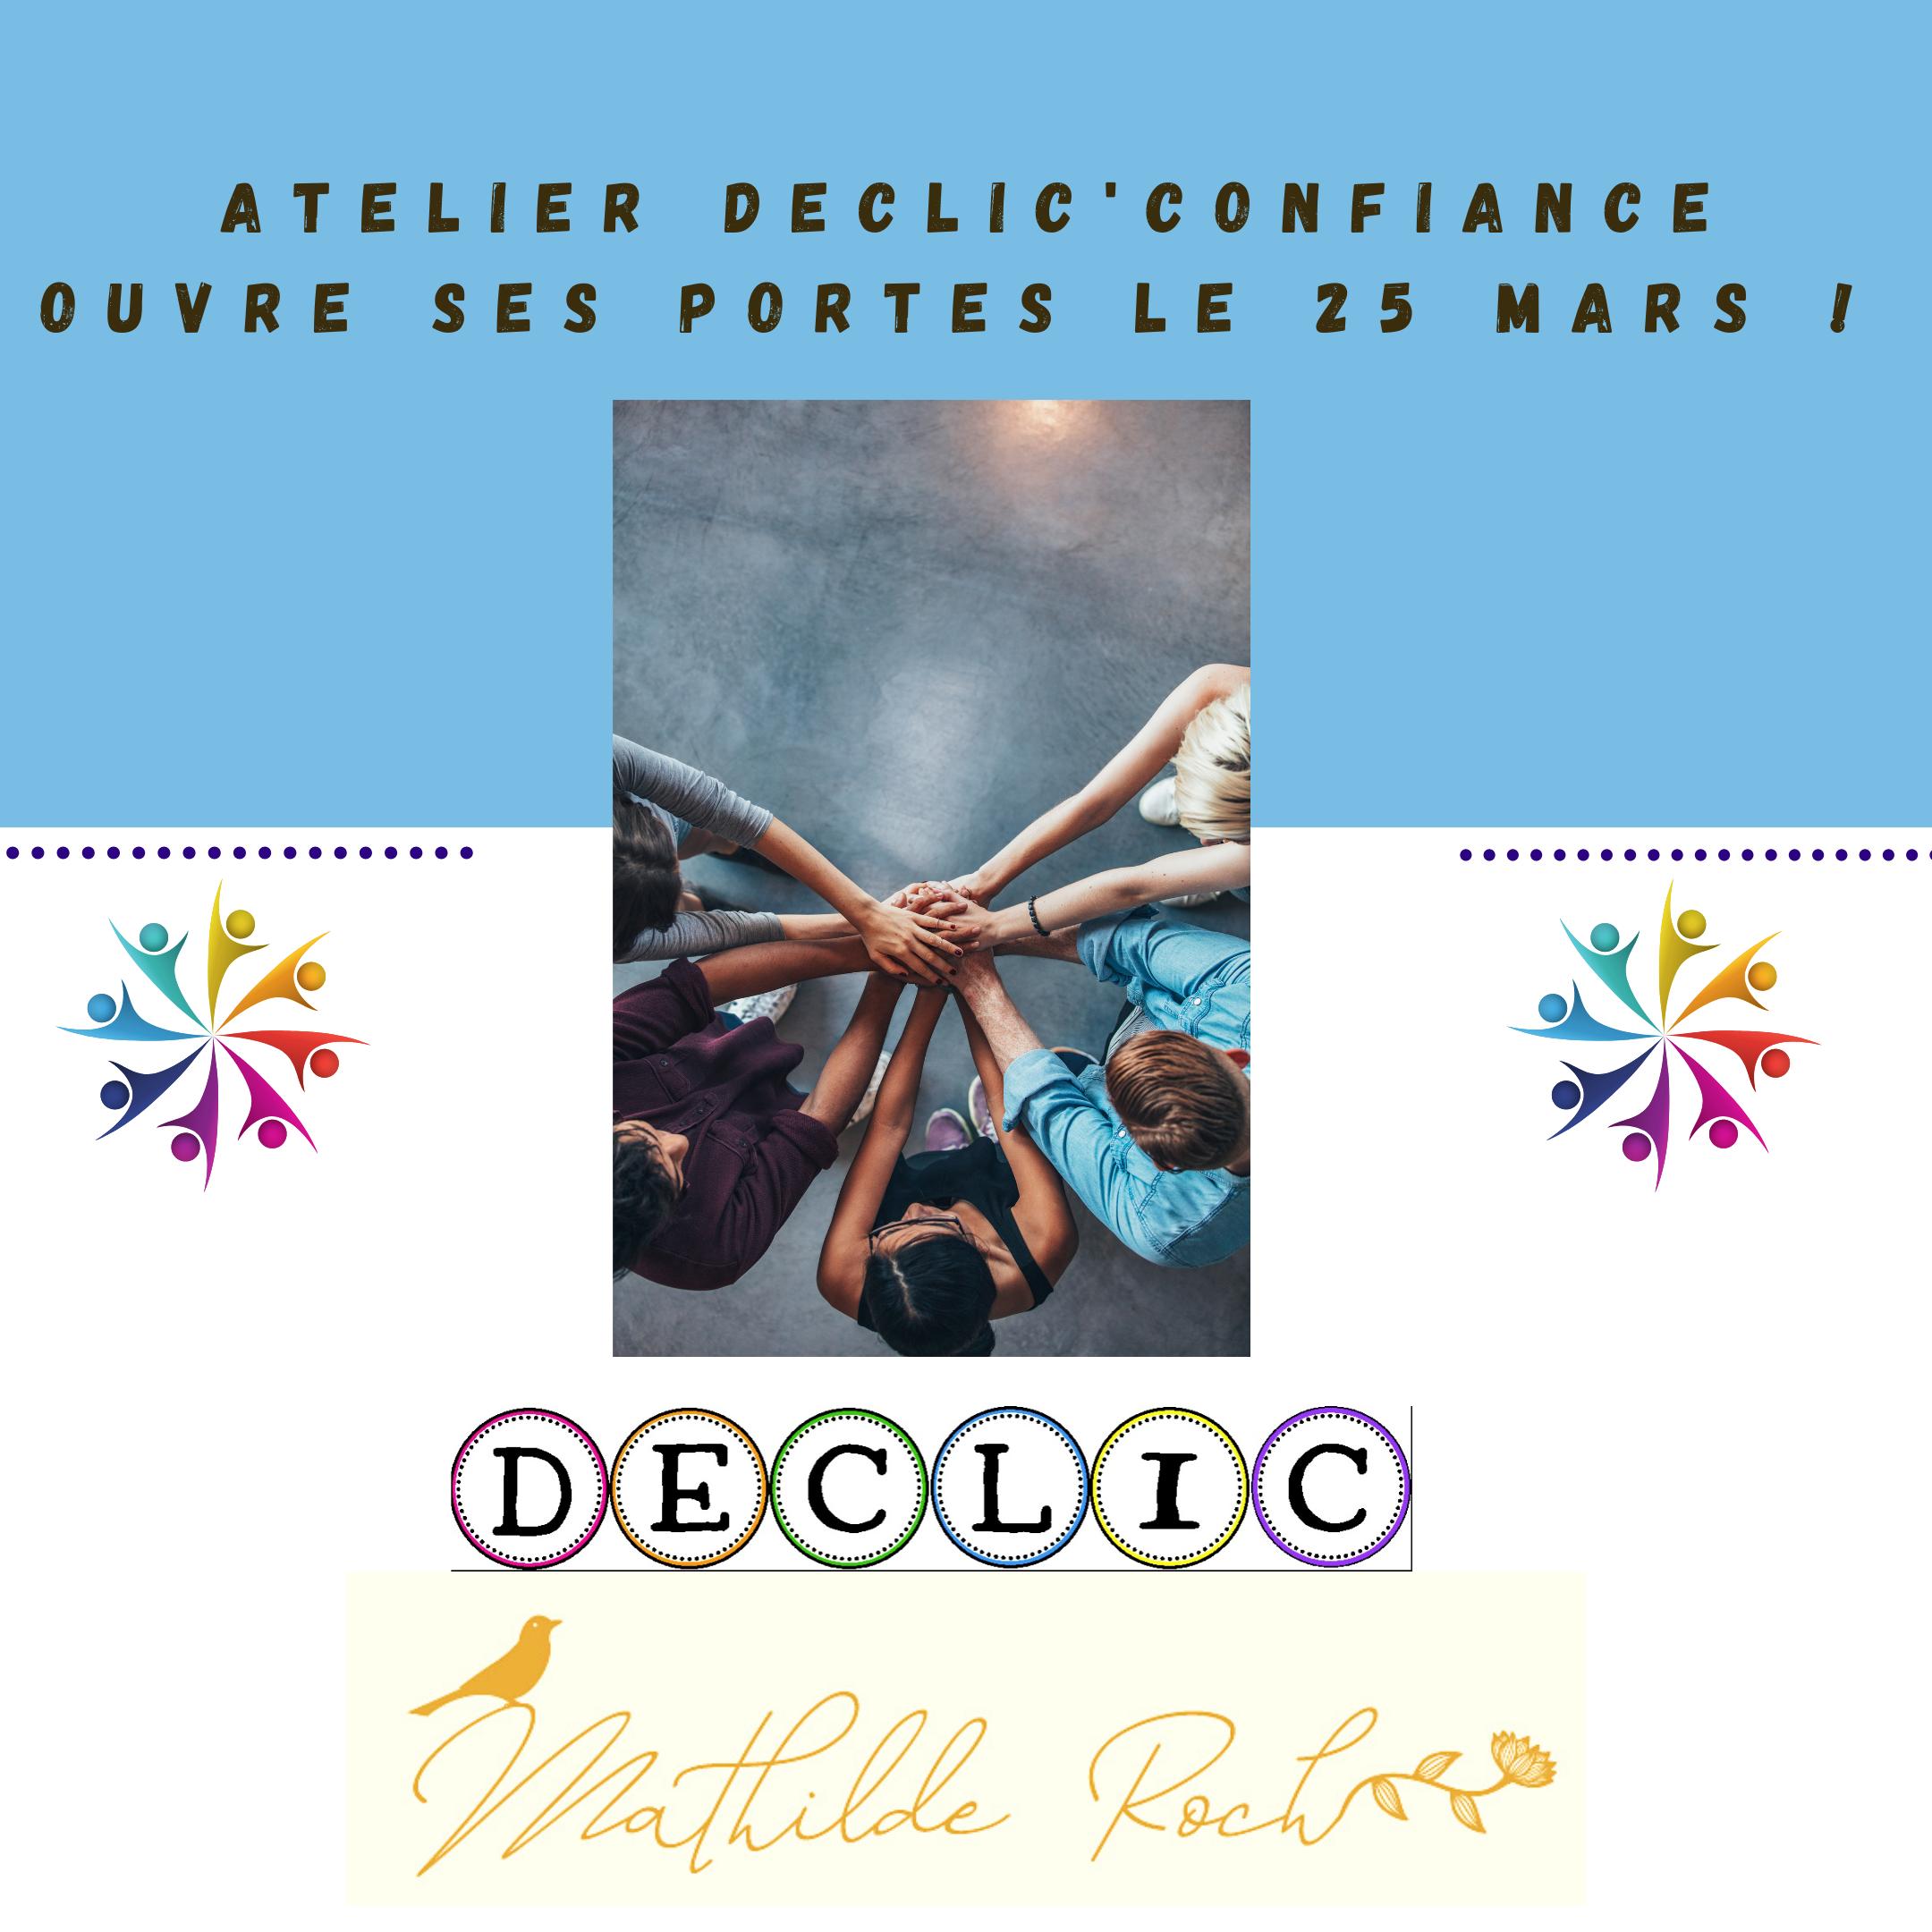 2021.03.15- DECLIC ouvre ses portes